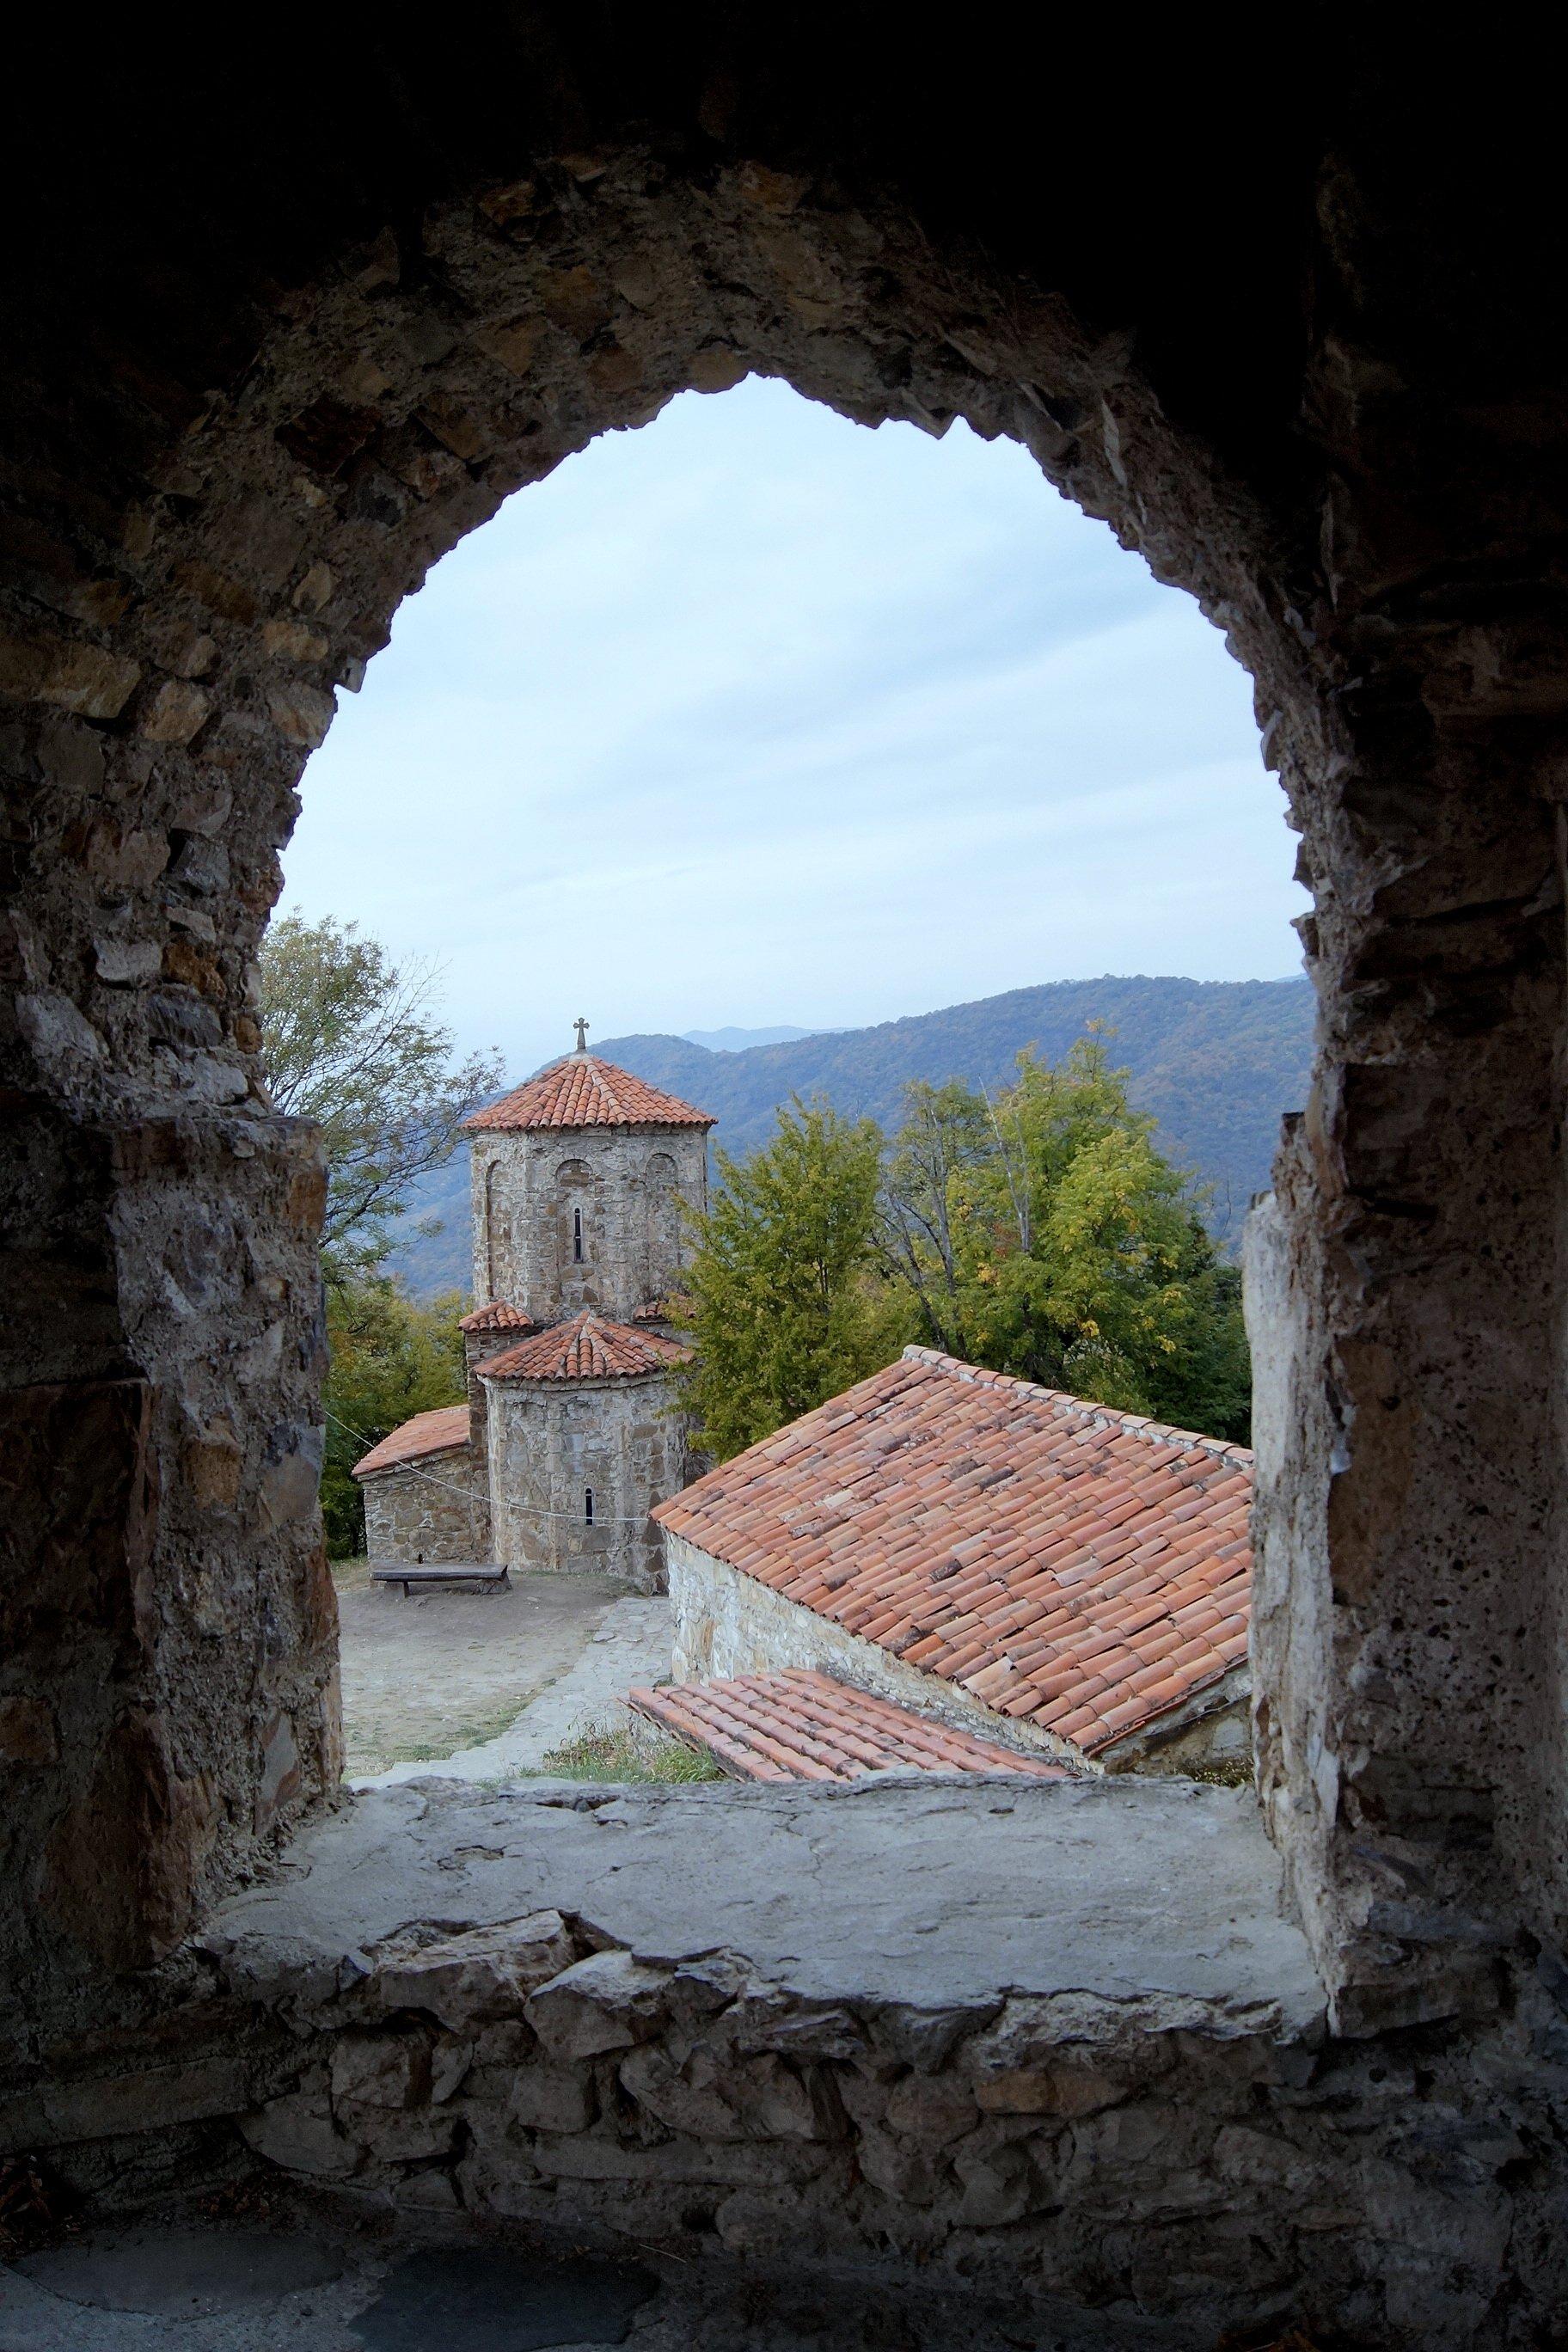 Кахетия. Монастырь Некреси (Заметки из солнечного отпуска, день 12)